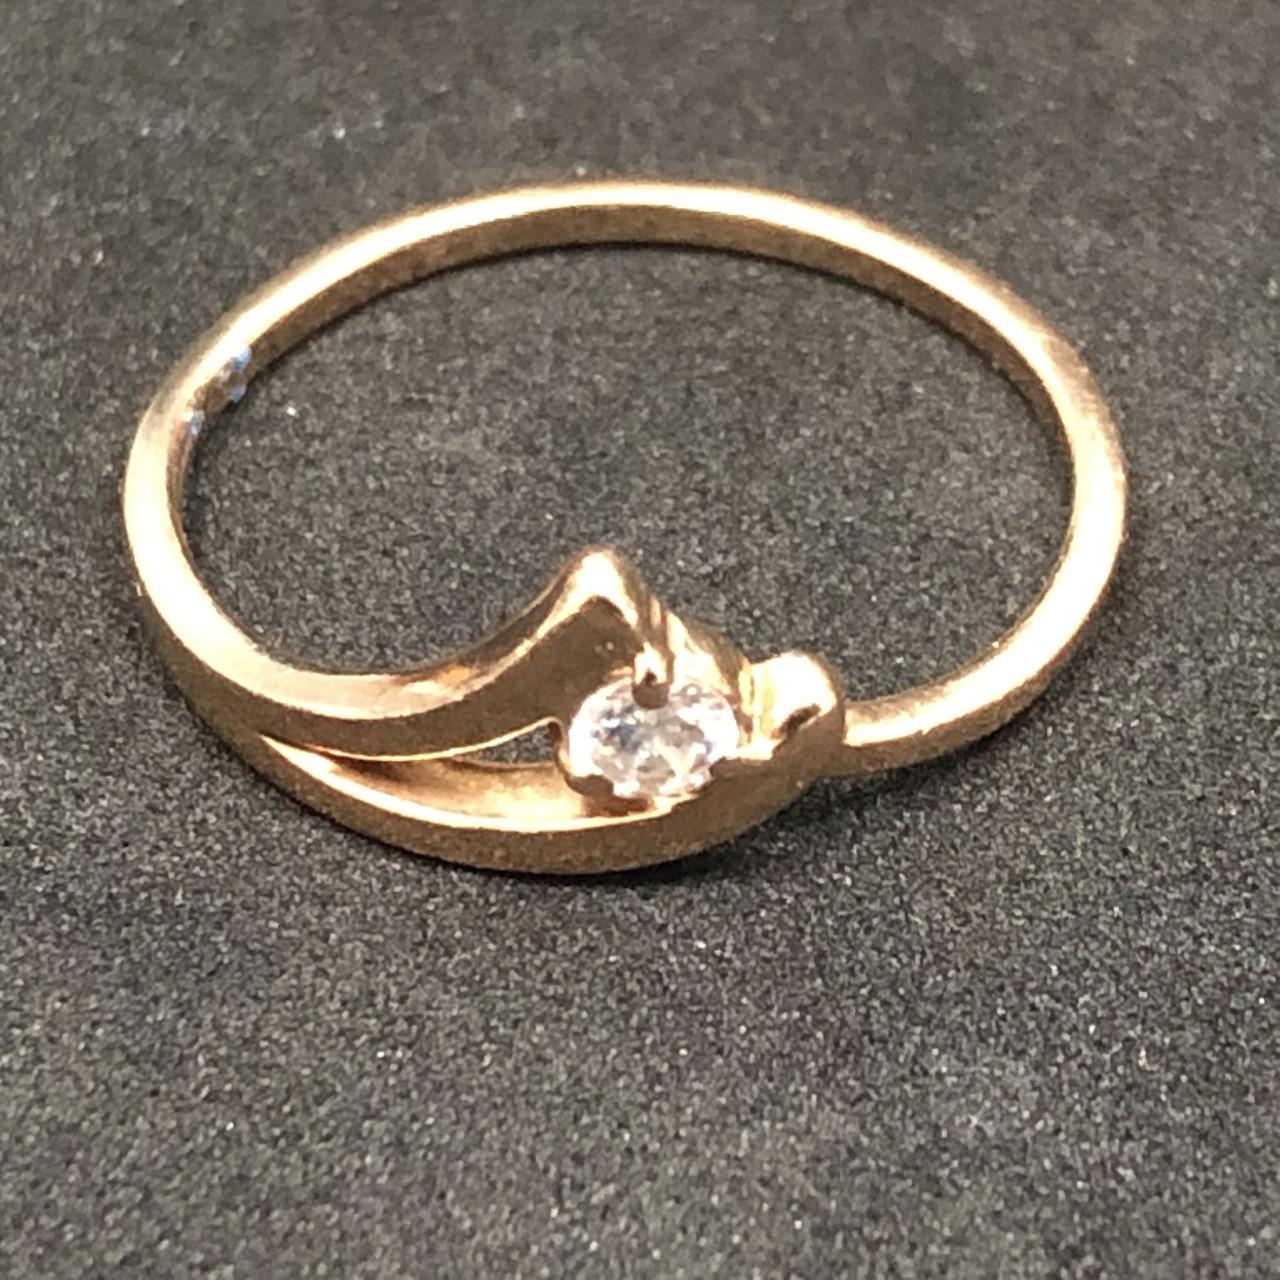 Золотое кольцо 585 пробы Б/У с фианитом, вес 1,55 г